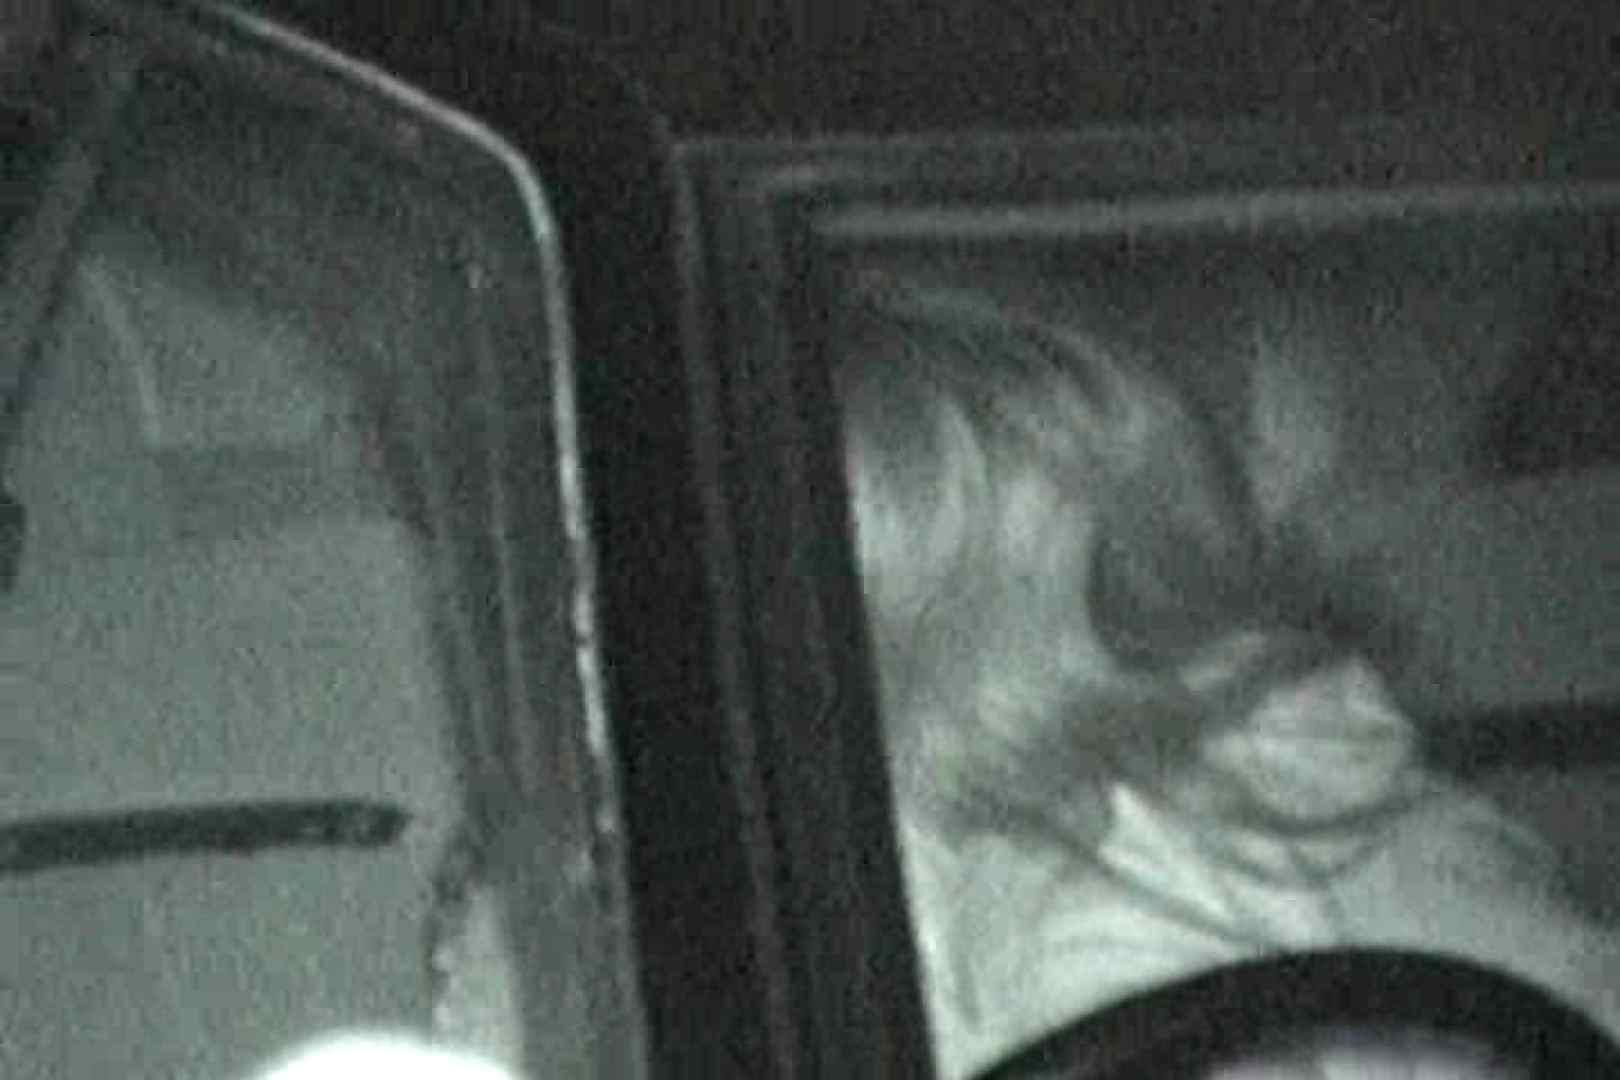 充血監督の深夜の運動会Vol.8 乳首   エロティックなOL  106画像 61